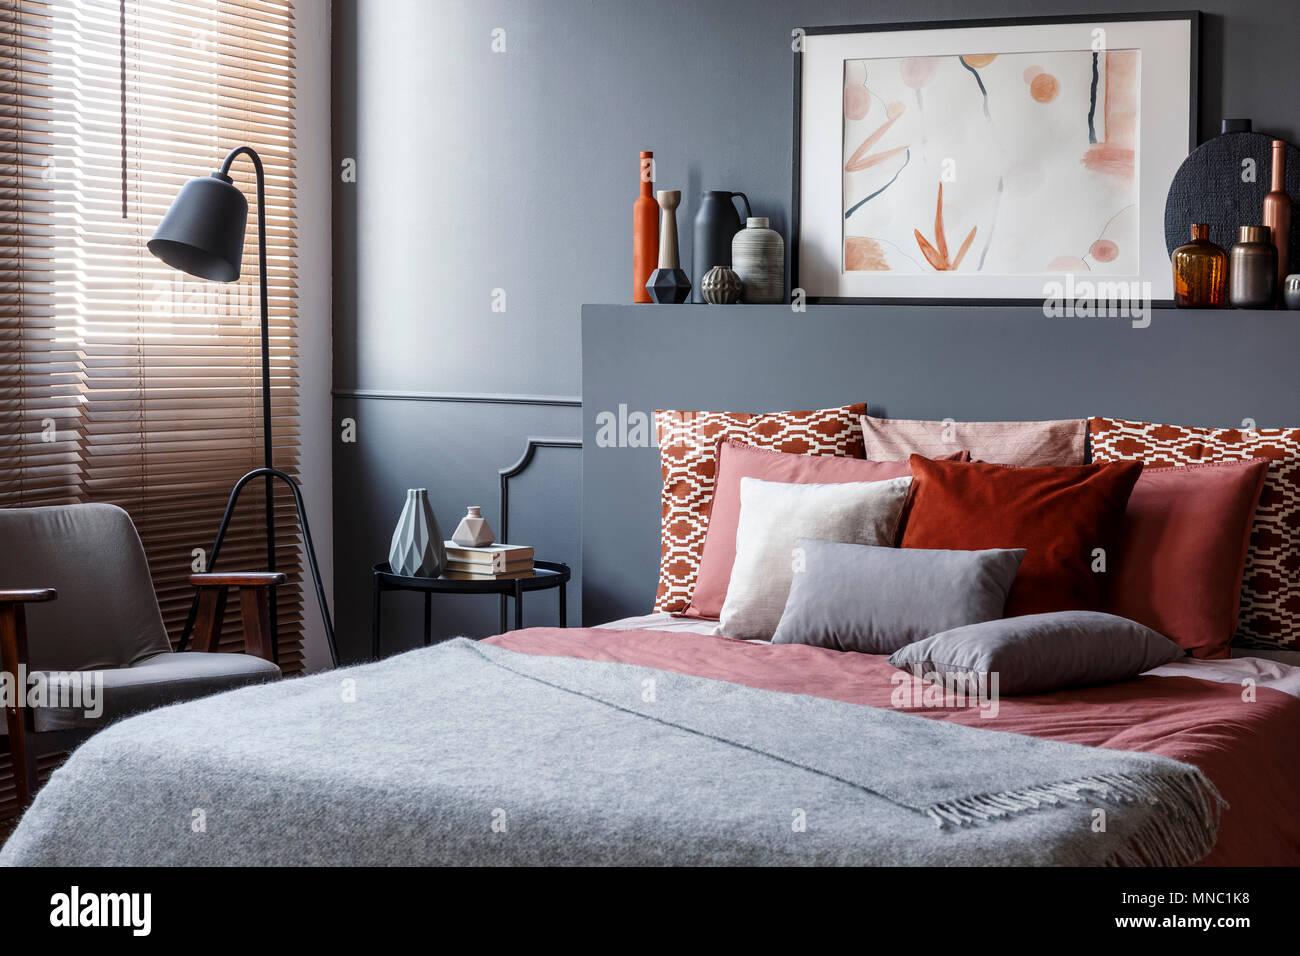 Creative poster sul nero sopra testata letto comodo con cuscini